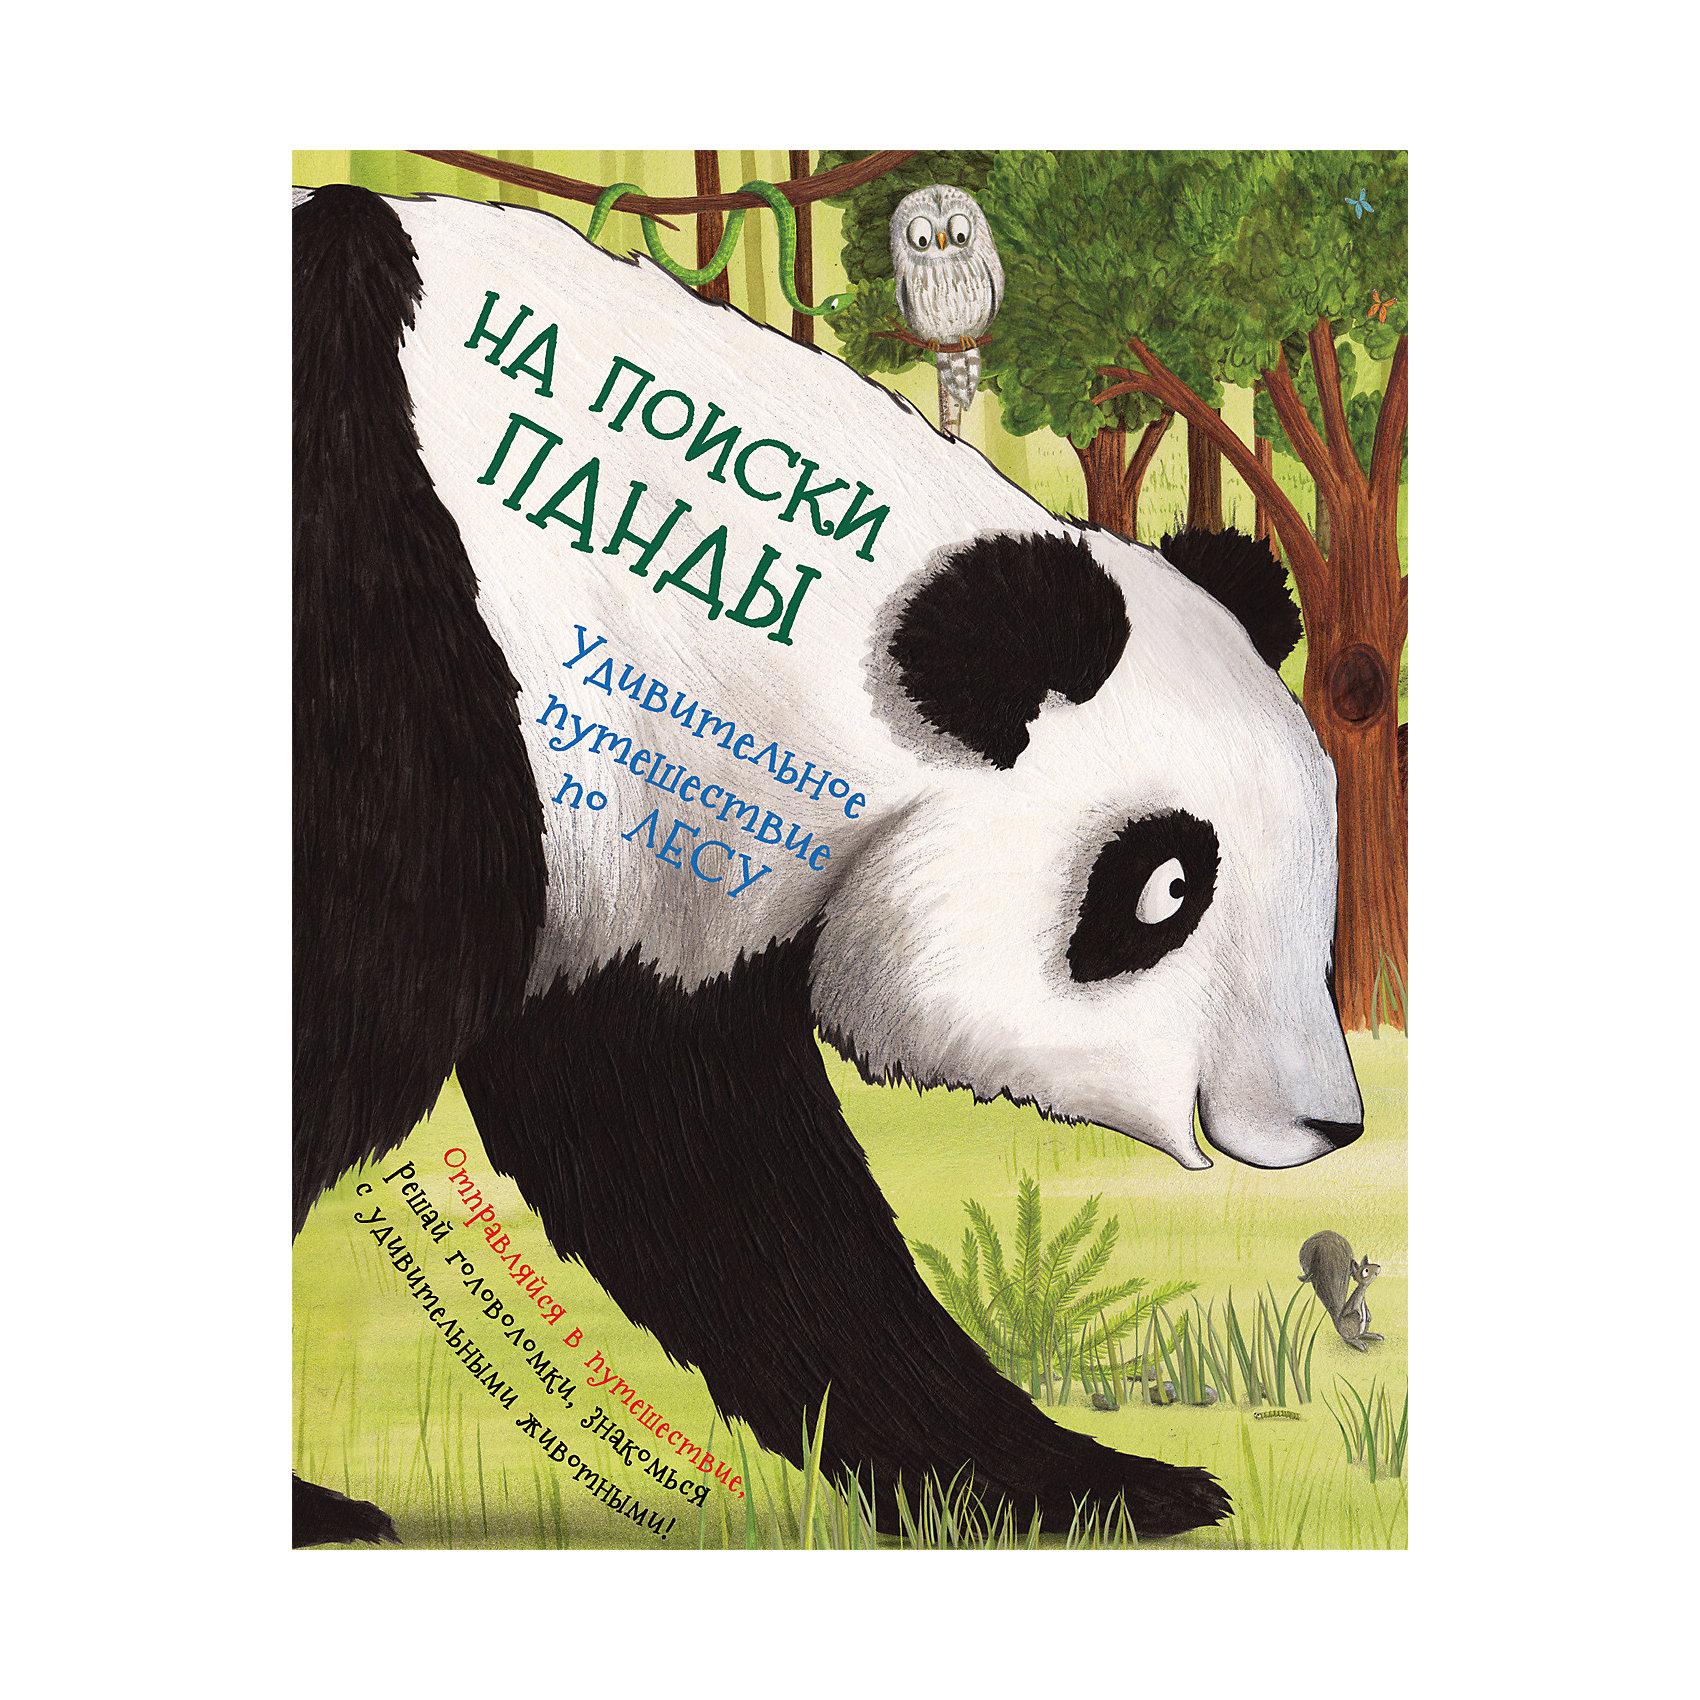 На поиски панды, РосмэнПервые книги малыша<br>Характеристики:<br><br>• возраст: от 3 лет<br>• автор: Камила де ла Бедуайер<br>• художник: Э. Левэй<br>• переводчик: Л. П. Смилевская<br>• издательство: Росмэн<br>• переплет: мягкий<br>• иллюстрации: цветные<br>• количество страниц: 24<br>• размер: 27,5х21,3х0,4 см.<br>• вес: 200 гр.<br>• ISBN: 9785353084723<br><br>Отзывчивая и бесстрашная маленькая Зайка отправилась в удивительное путешествие по лесу. Большая белая медведица просила её отыскать Мишутку, чтобы вручить ему подарок ко дню рождения, и Зайка не смогла ей отказать. Но где живет медвежонок, и к какому виду он относится, никто не знал. Вот и пришлось Зайке вести самостоятельное расследование и пуститься в дальний-дальний путь по континентам. Отправляйся в путешествие вместе с Зайкой, решай головоломки, знакомься с удивительными животными.<br><br>Книгу «На поиски панды», РОСМЭН можно купить в нашем интернет-магазине.<br><br>Ширина мм: 213<br>Глубина мм: 4<br>Высота мм: 275<br>Вес г: 200<br>Возраст от месяцев: 36<br>Возраст до месяцев: 2147483647<br>Пол: Унисекс<br>Возраст: Детский<br>SKU: 7040395